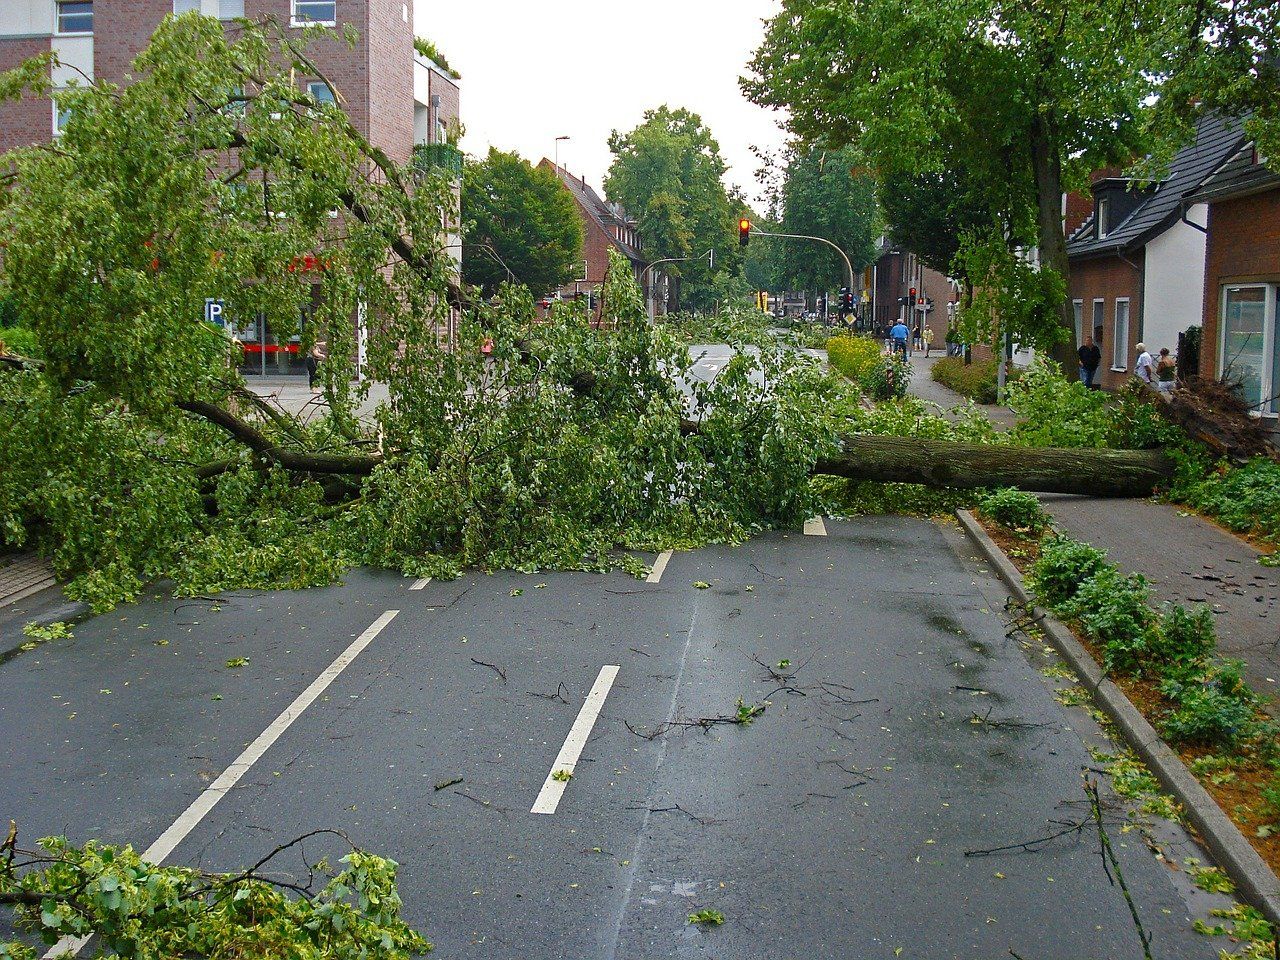 un arbre déraciné | Source : Pixabay